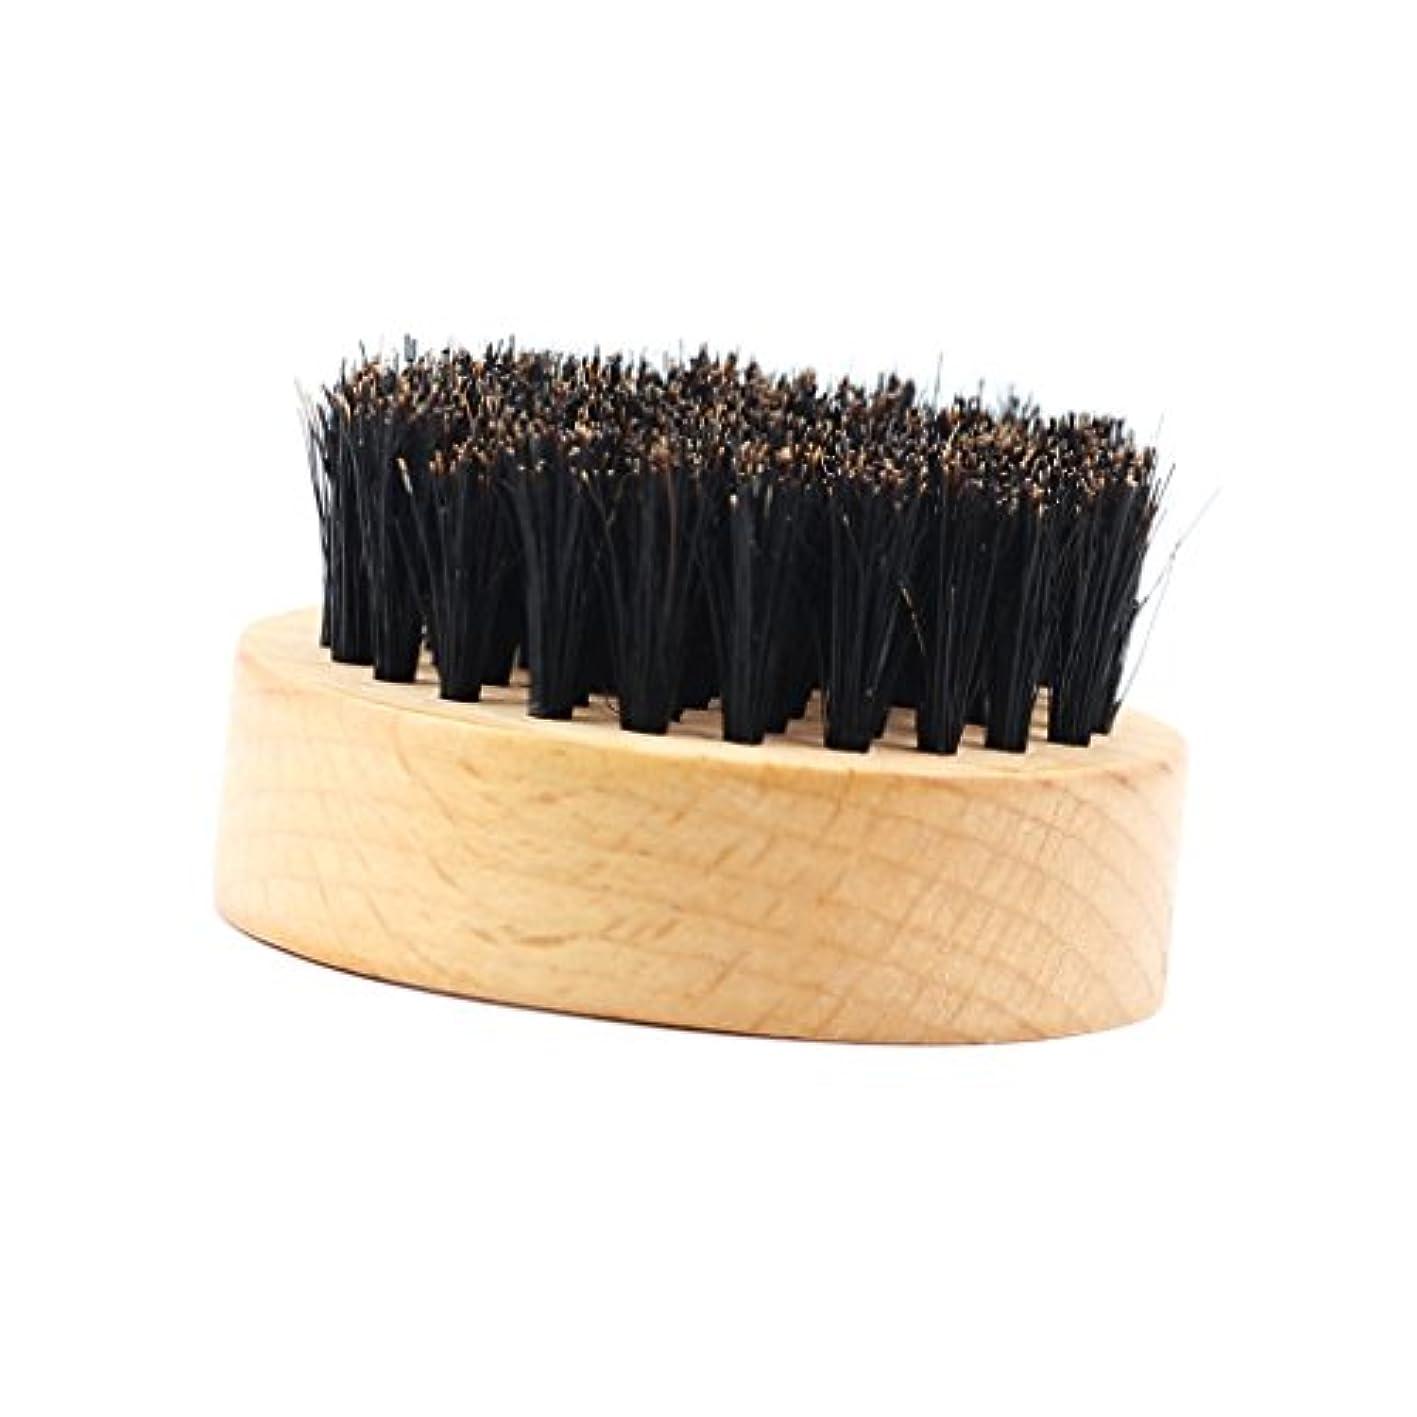 リラックス愚か既婚ひげのブラシおよびオイルのためのひげのブラシの天然木の顔のヘアブラシ - 柔らかくなり、かゆみを調整するのを助けます - #2